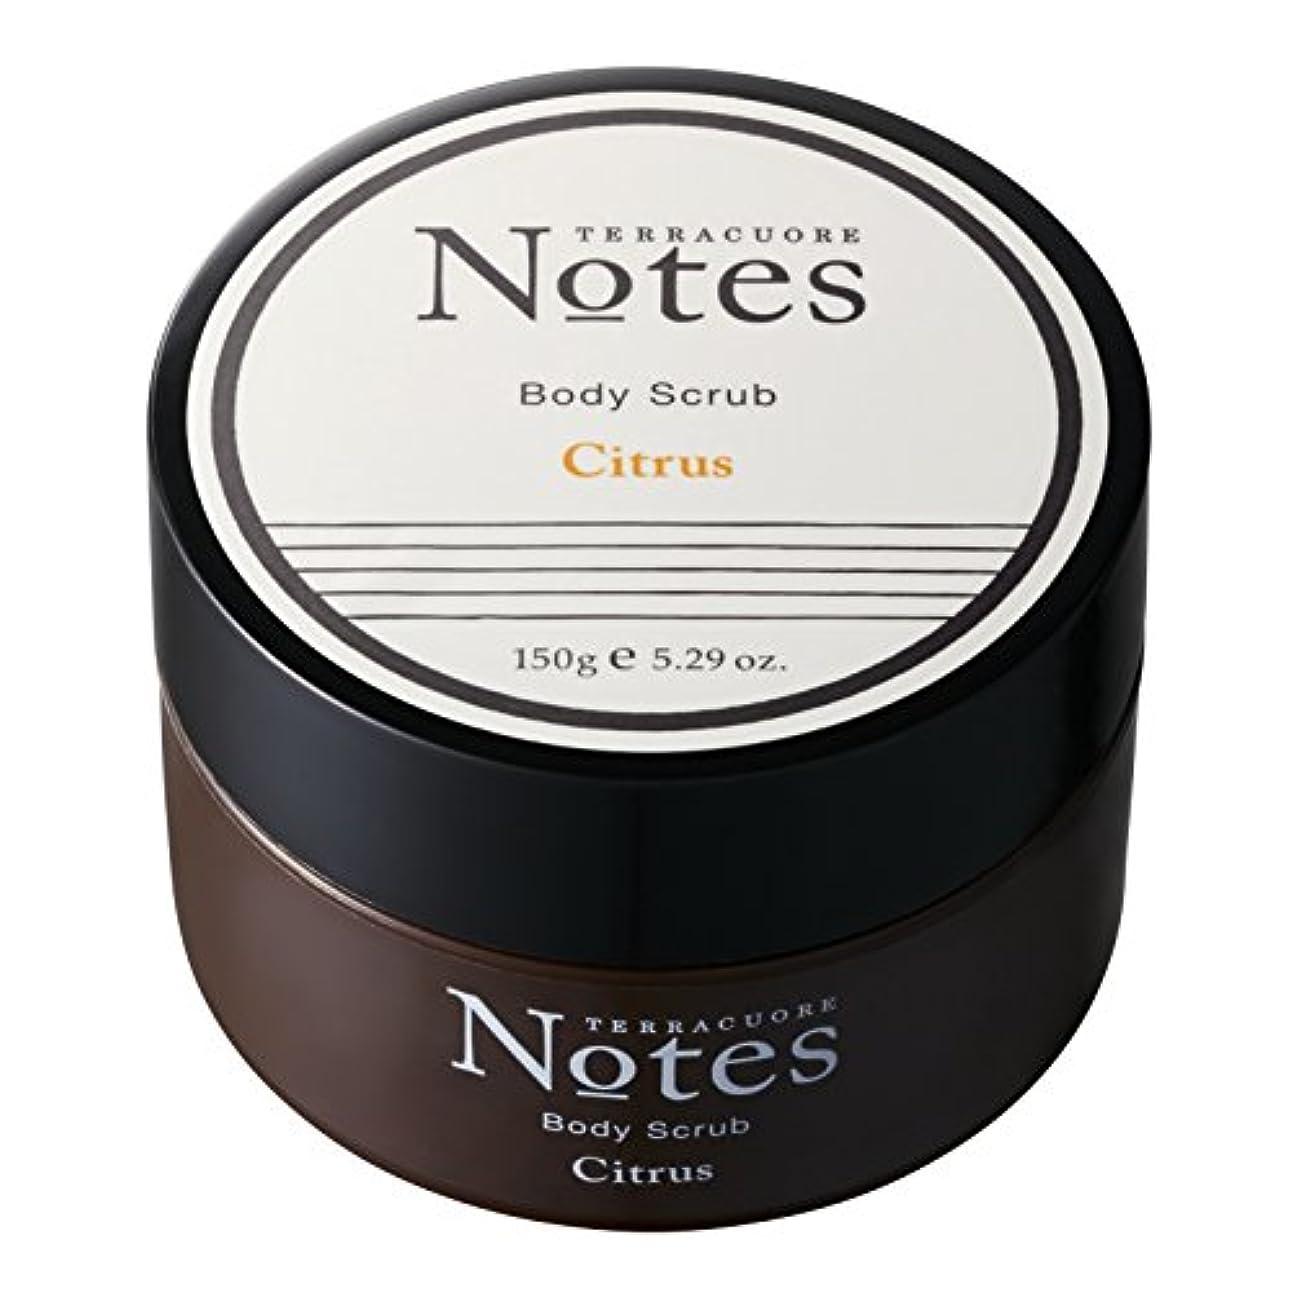 天気不適切な植物のテラクオーレノーツ (TERRACUORE Notes) ボディスクラブ シトラス 150ml